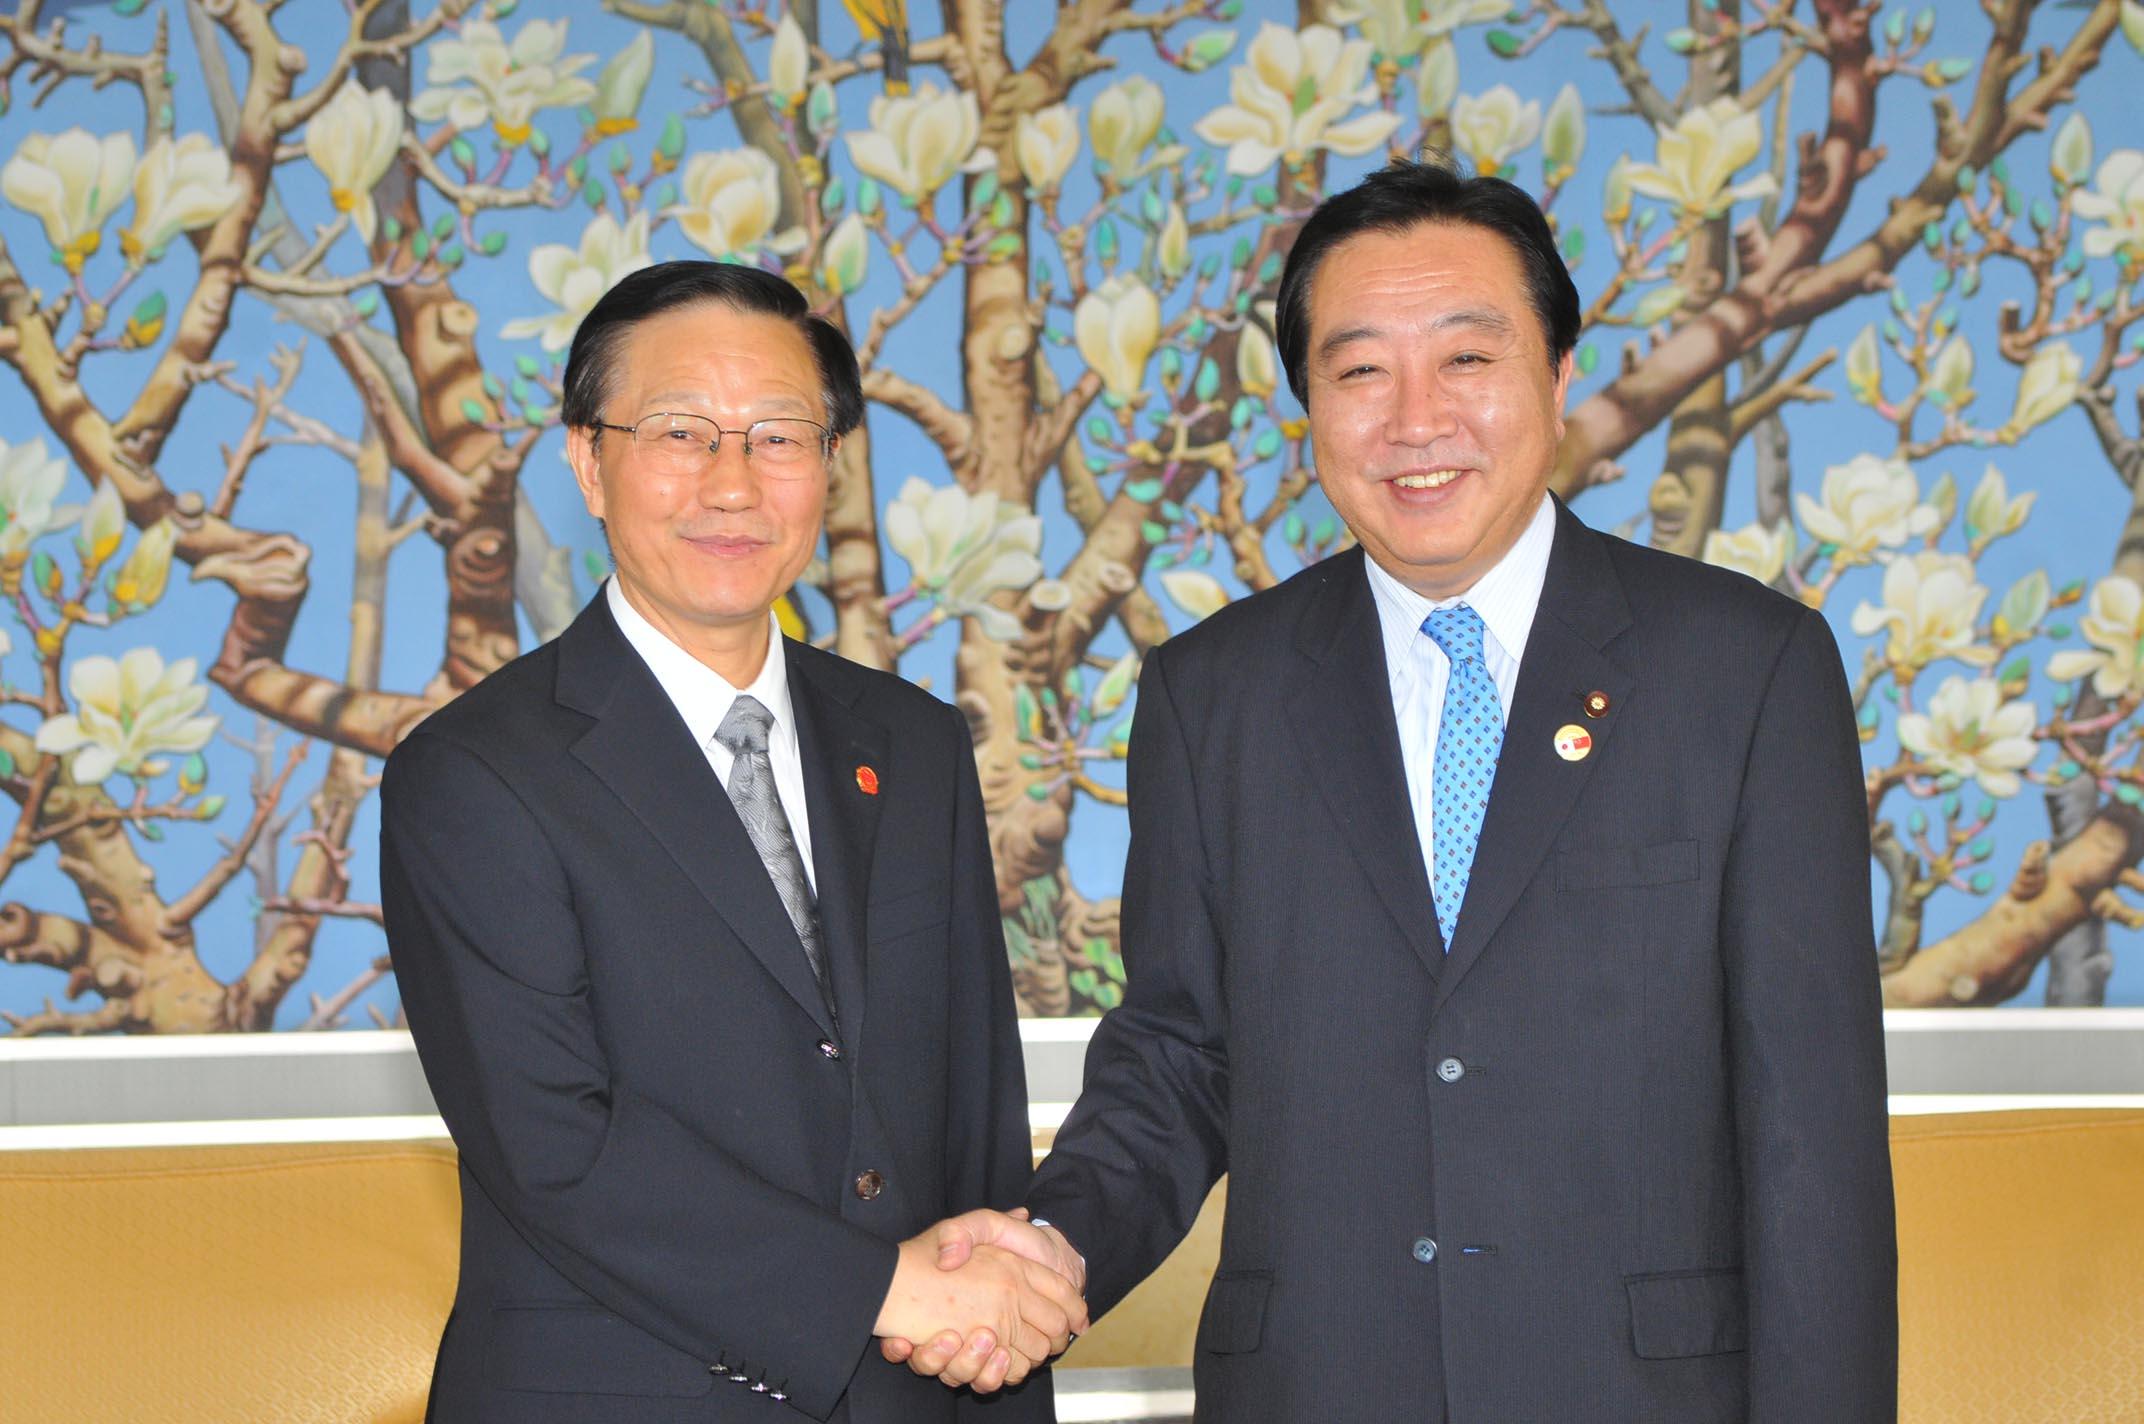 谢旭人部长在京会见日本财务大臣野田佳彦